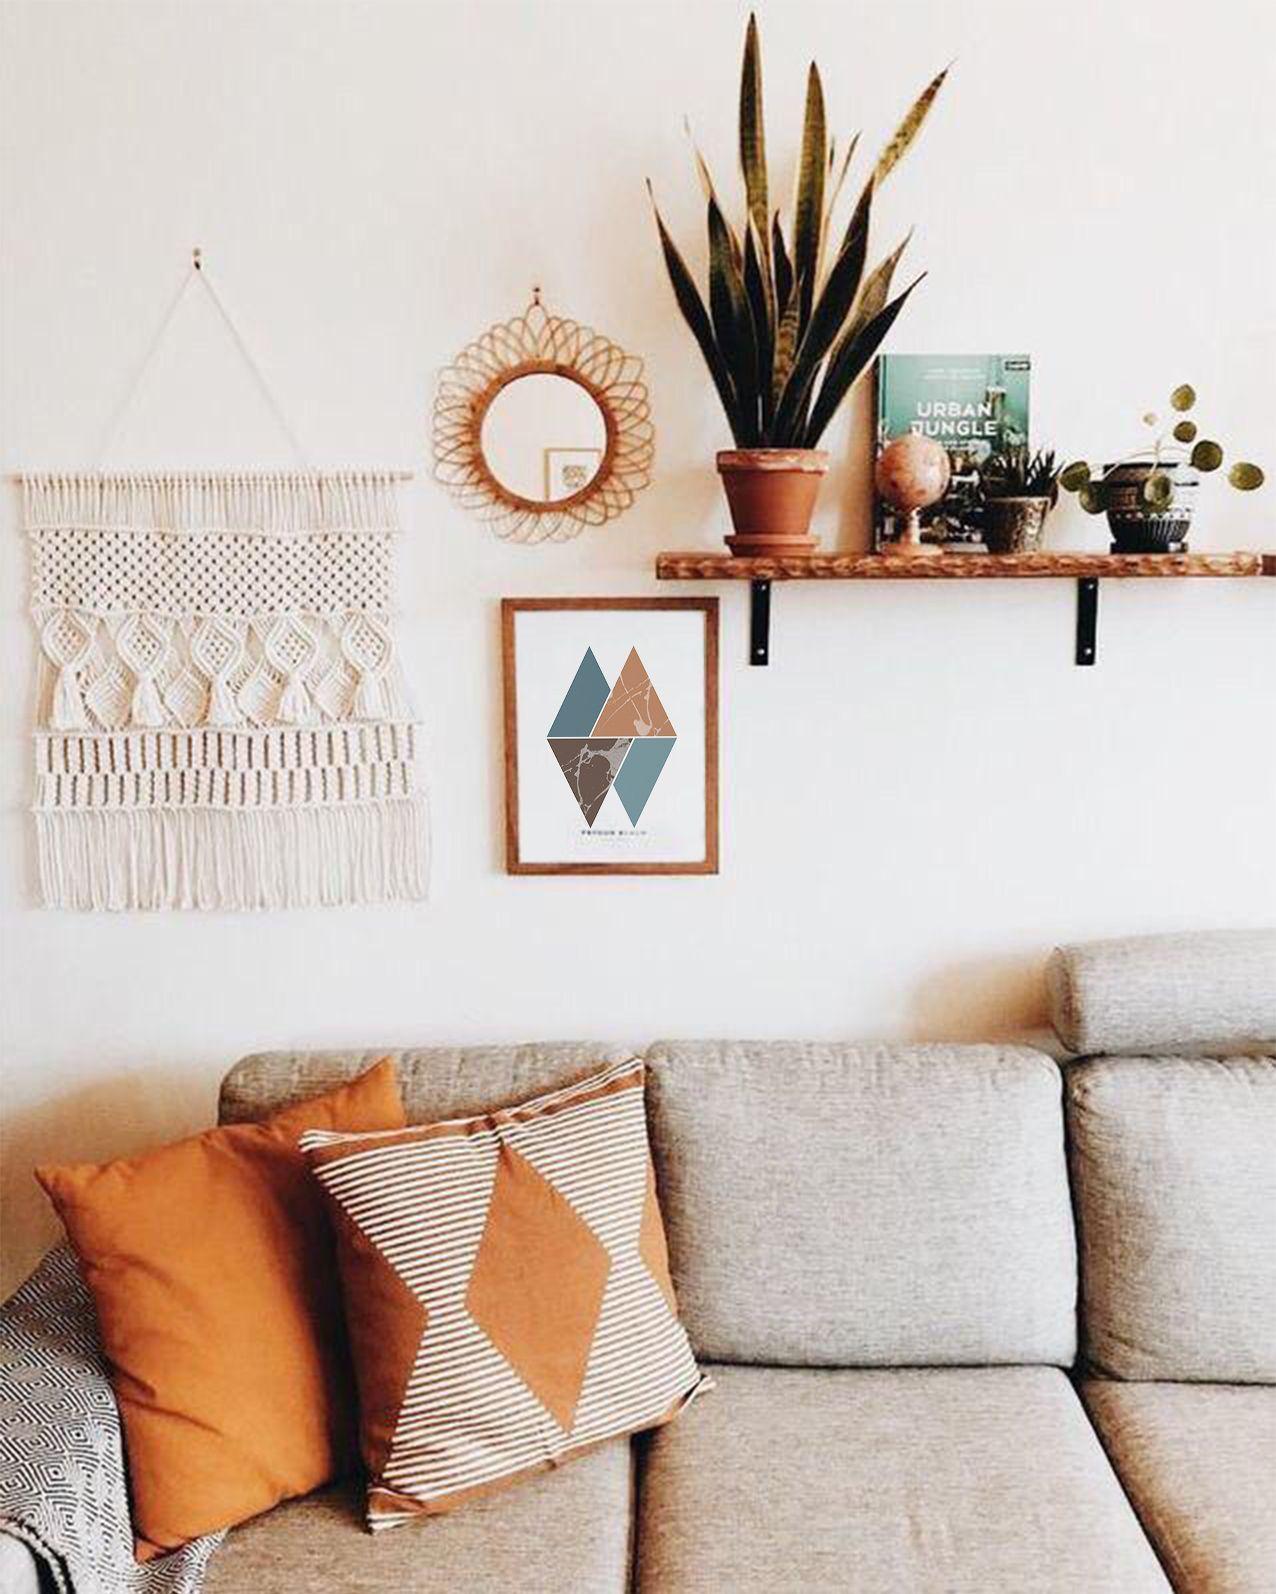 Triangles Wall Art Print, Minimalism, Geometric print, Printable art, Digital print, Minimalist#art #digital #geometric #minimalism #minimalist #print #printable #triangles #wall